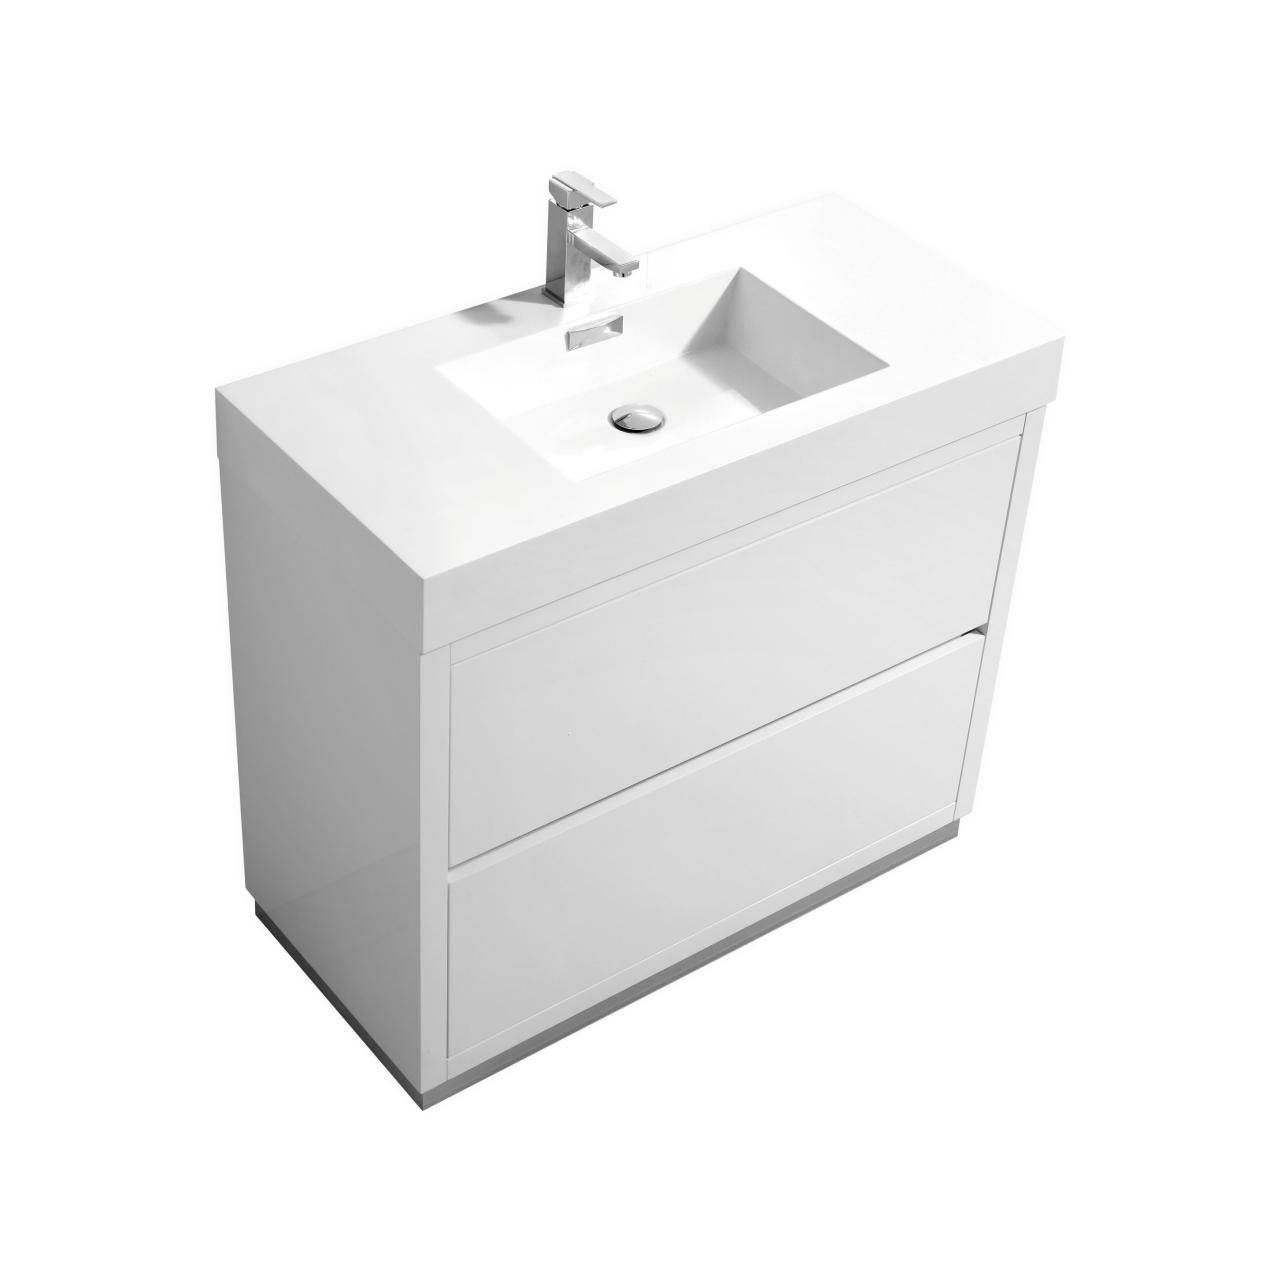 Bliss 40 High Gloss White Floor Mount Modern Bathroom Vanity